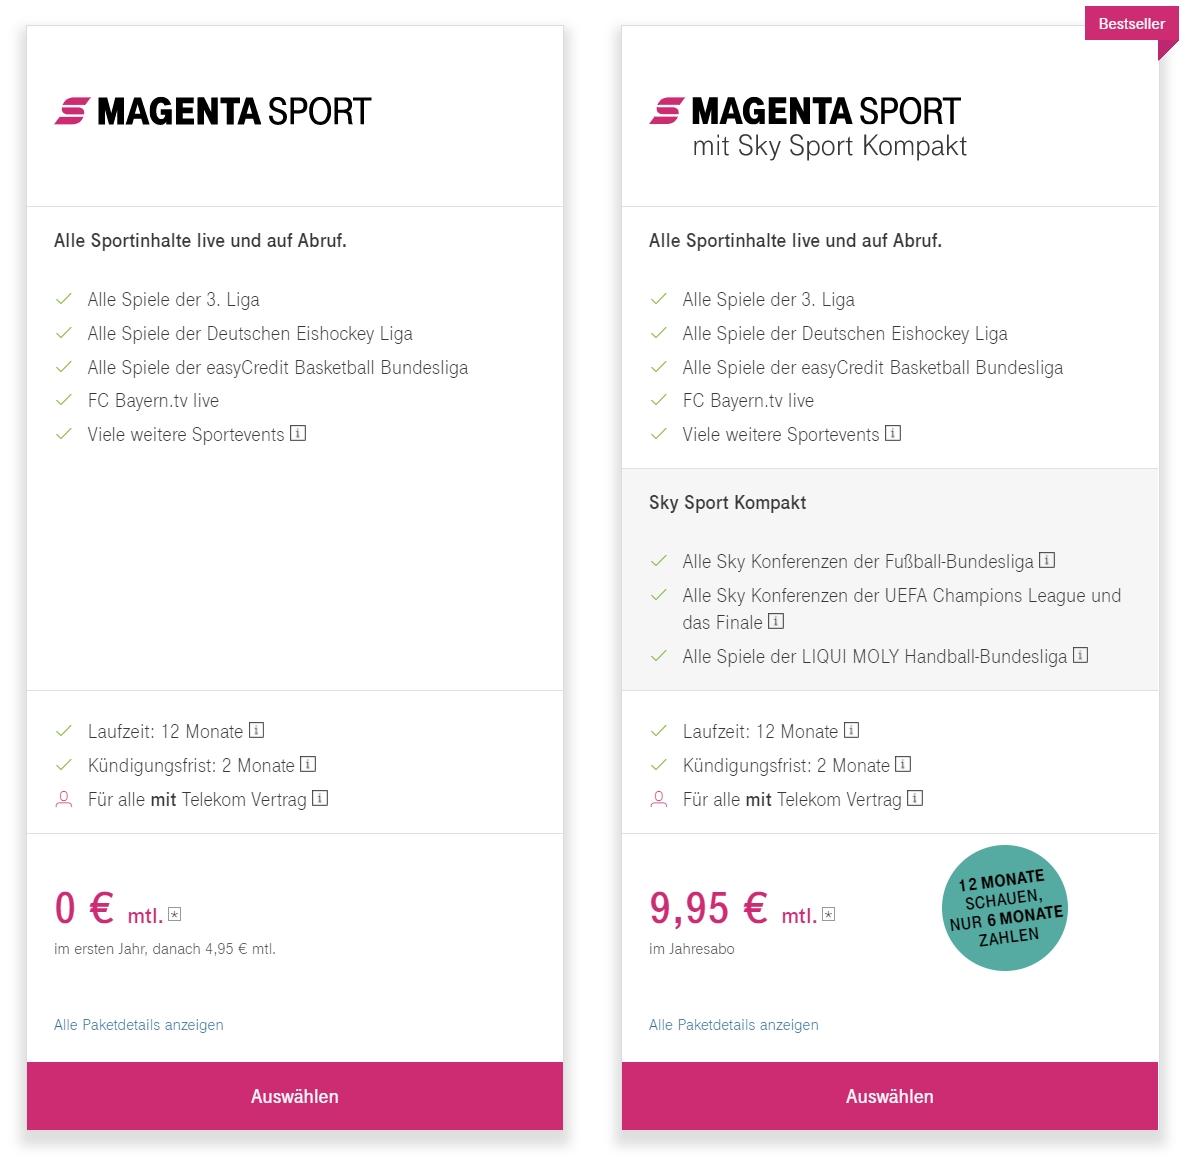 magenta-sport-angebote